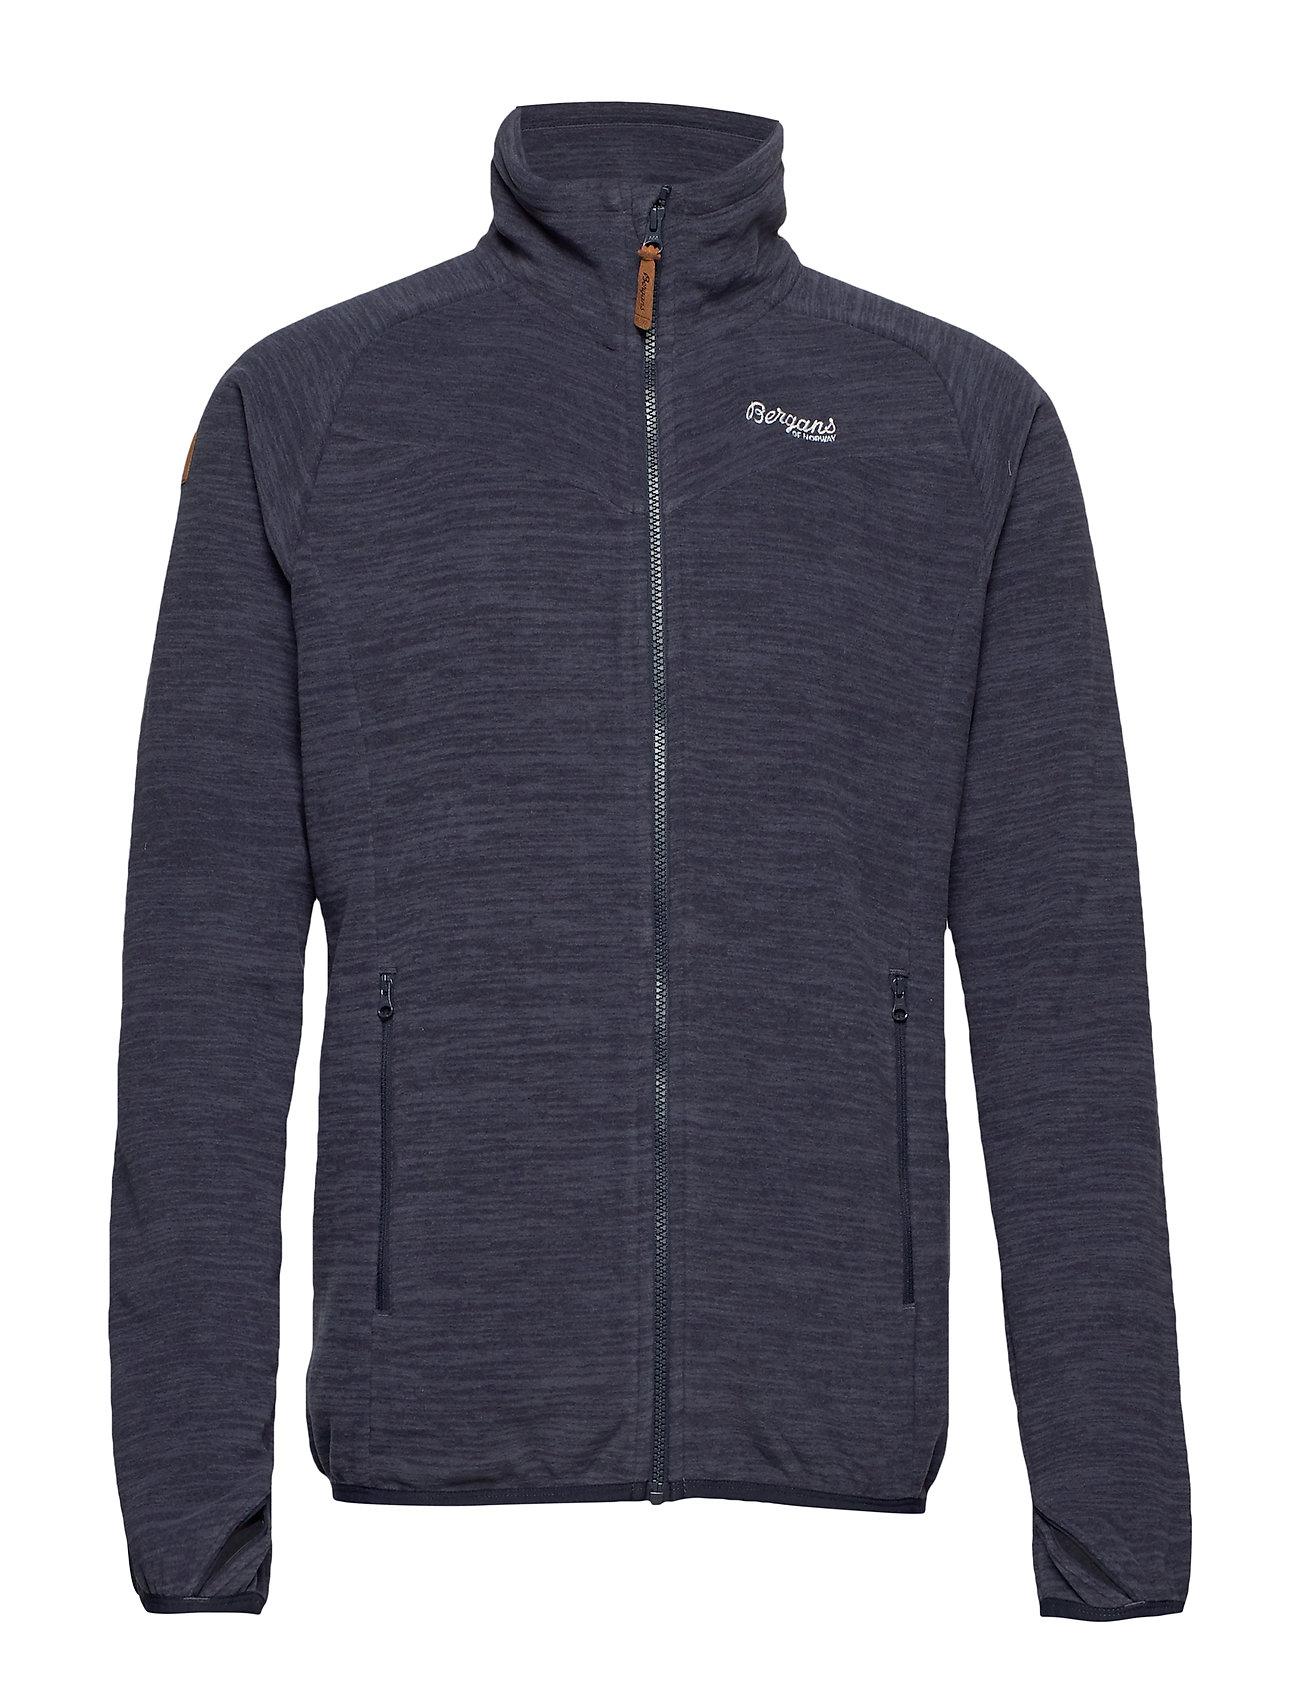 Куртка мужская флисовая Hareid Fleece Jkt NoHood Bergans — фото 2